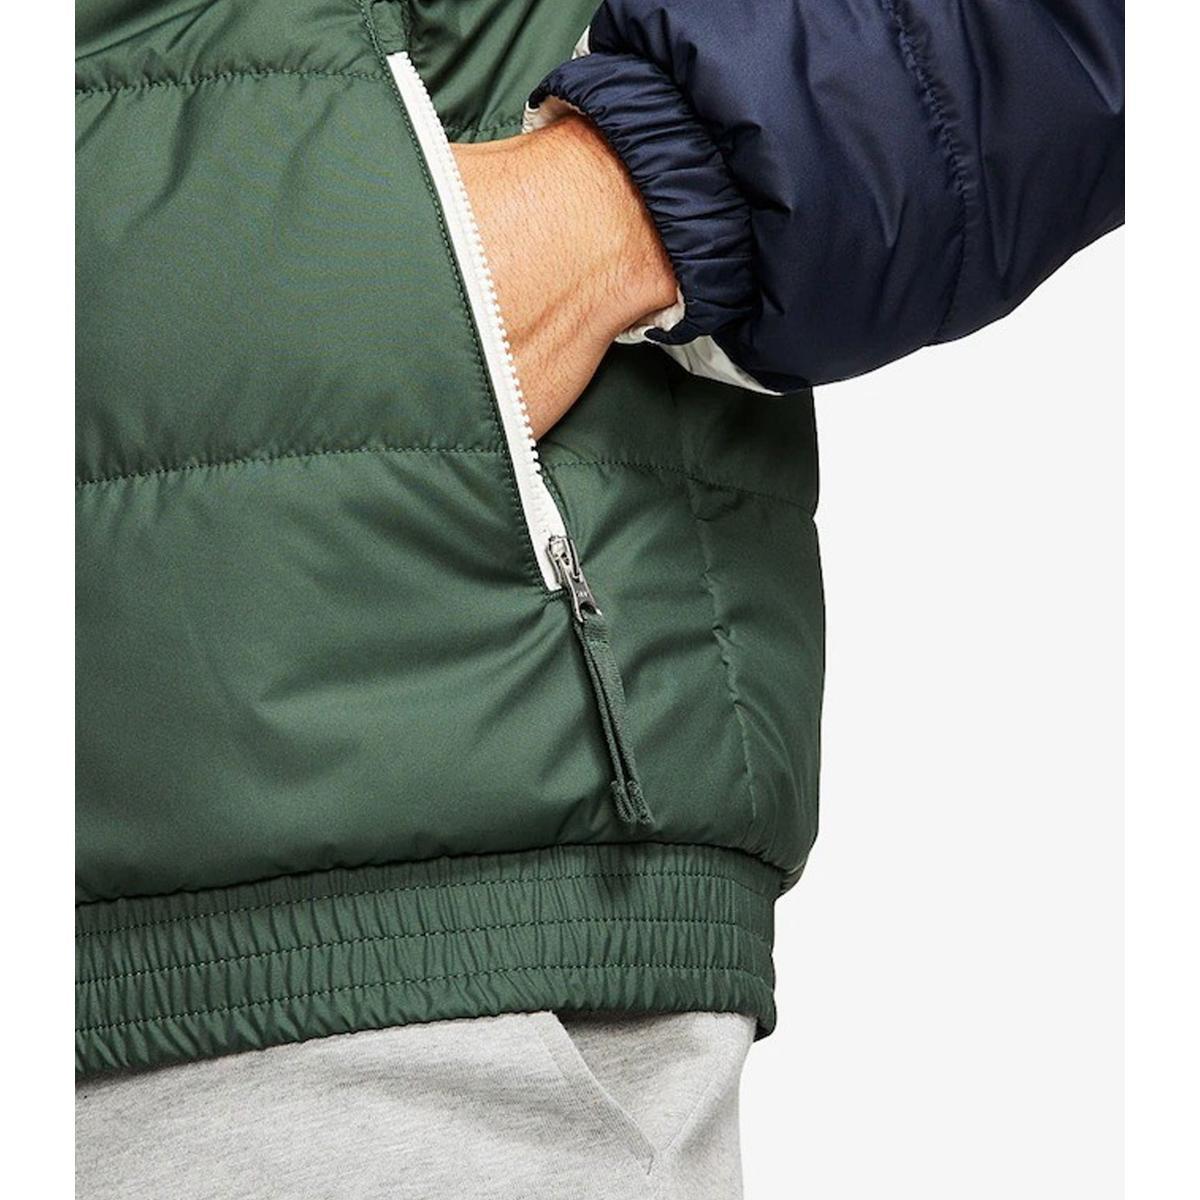 Giubbotto Nike Sportswear Syn Fill HD con cappuccio da uomo rif. BV4683